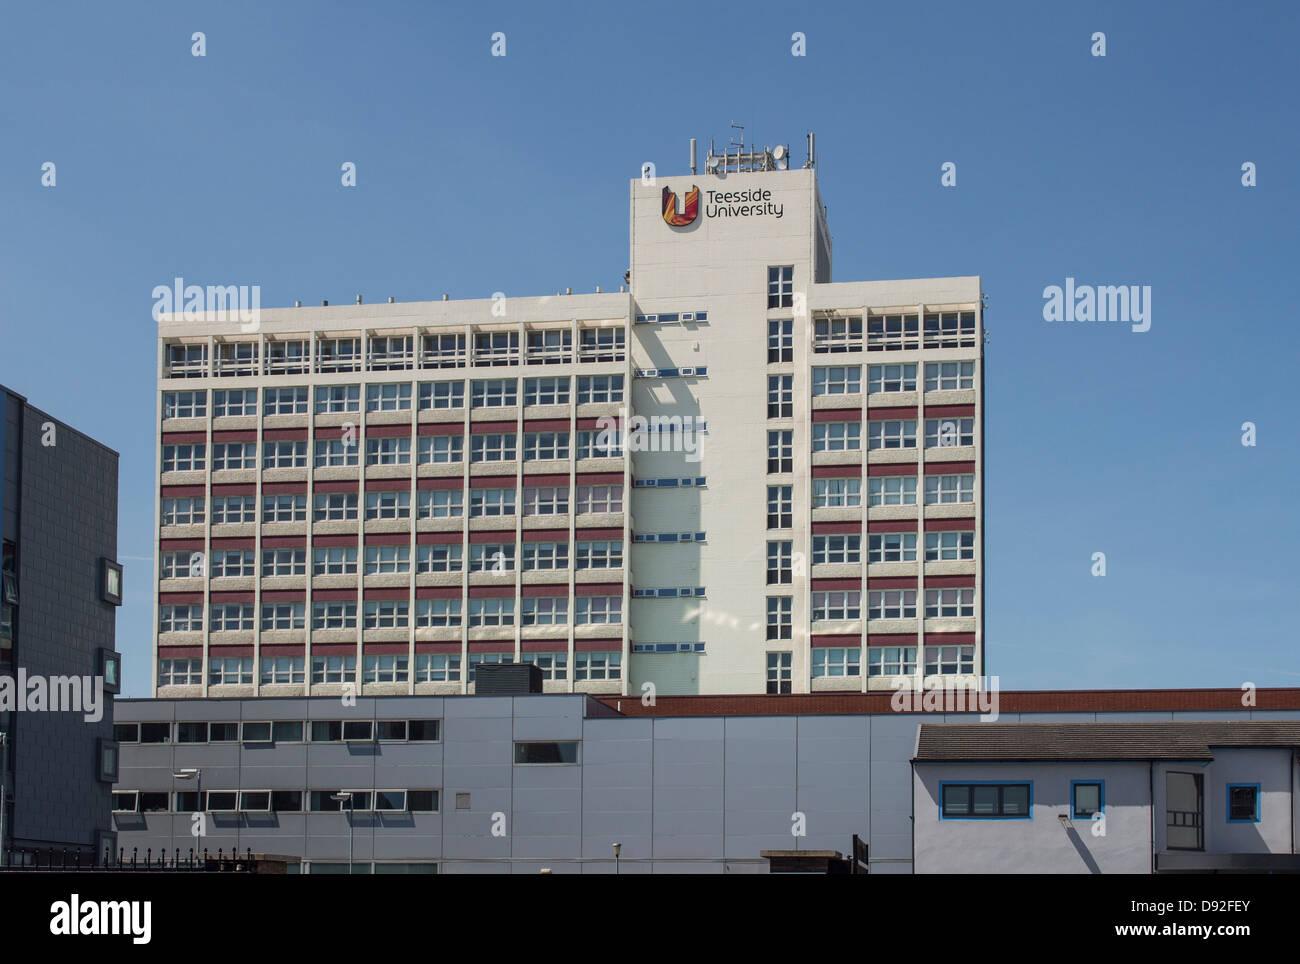 Teeside University Middlesbrougn UK - Stock Image